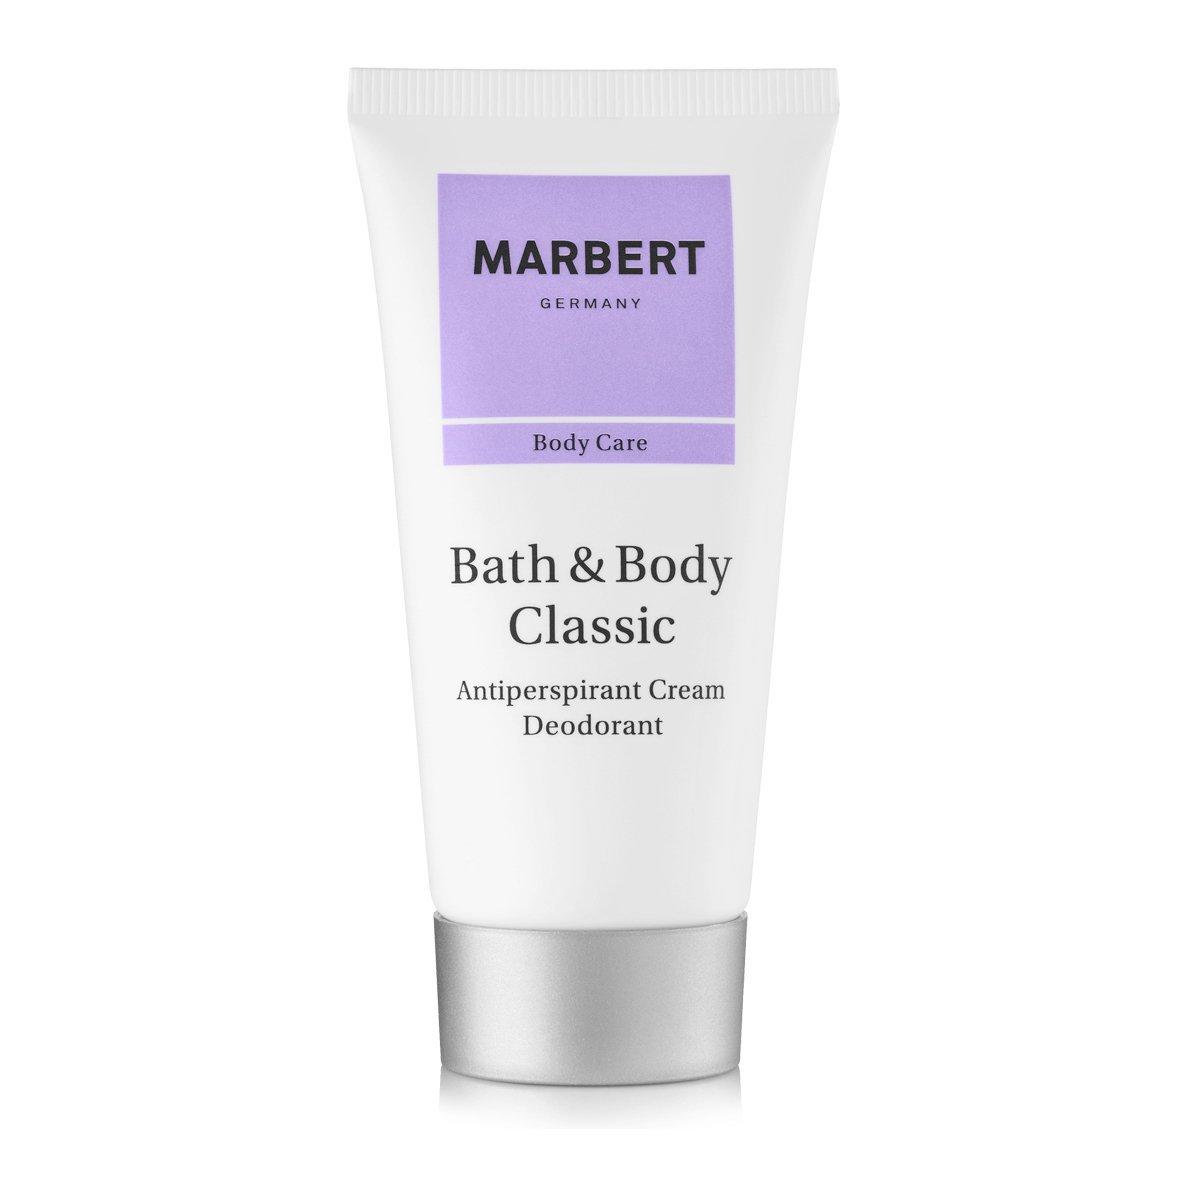 Marbert Bath & Body Classic anti-traspirante deodorante crema 50 ml 4085404530045